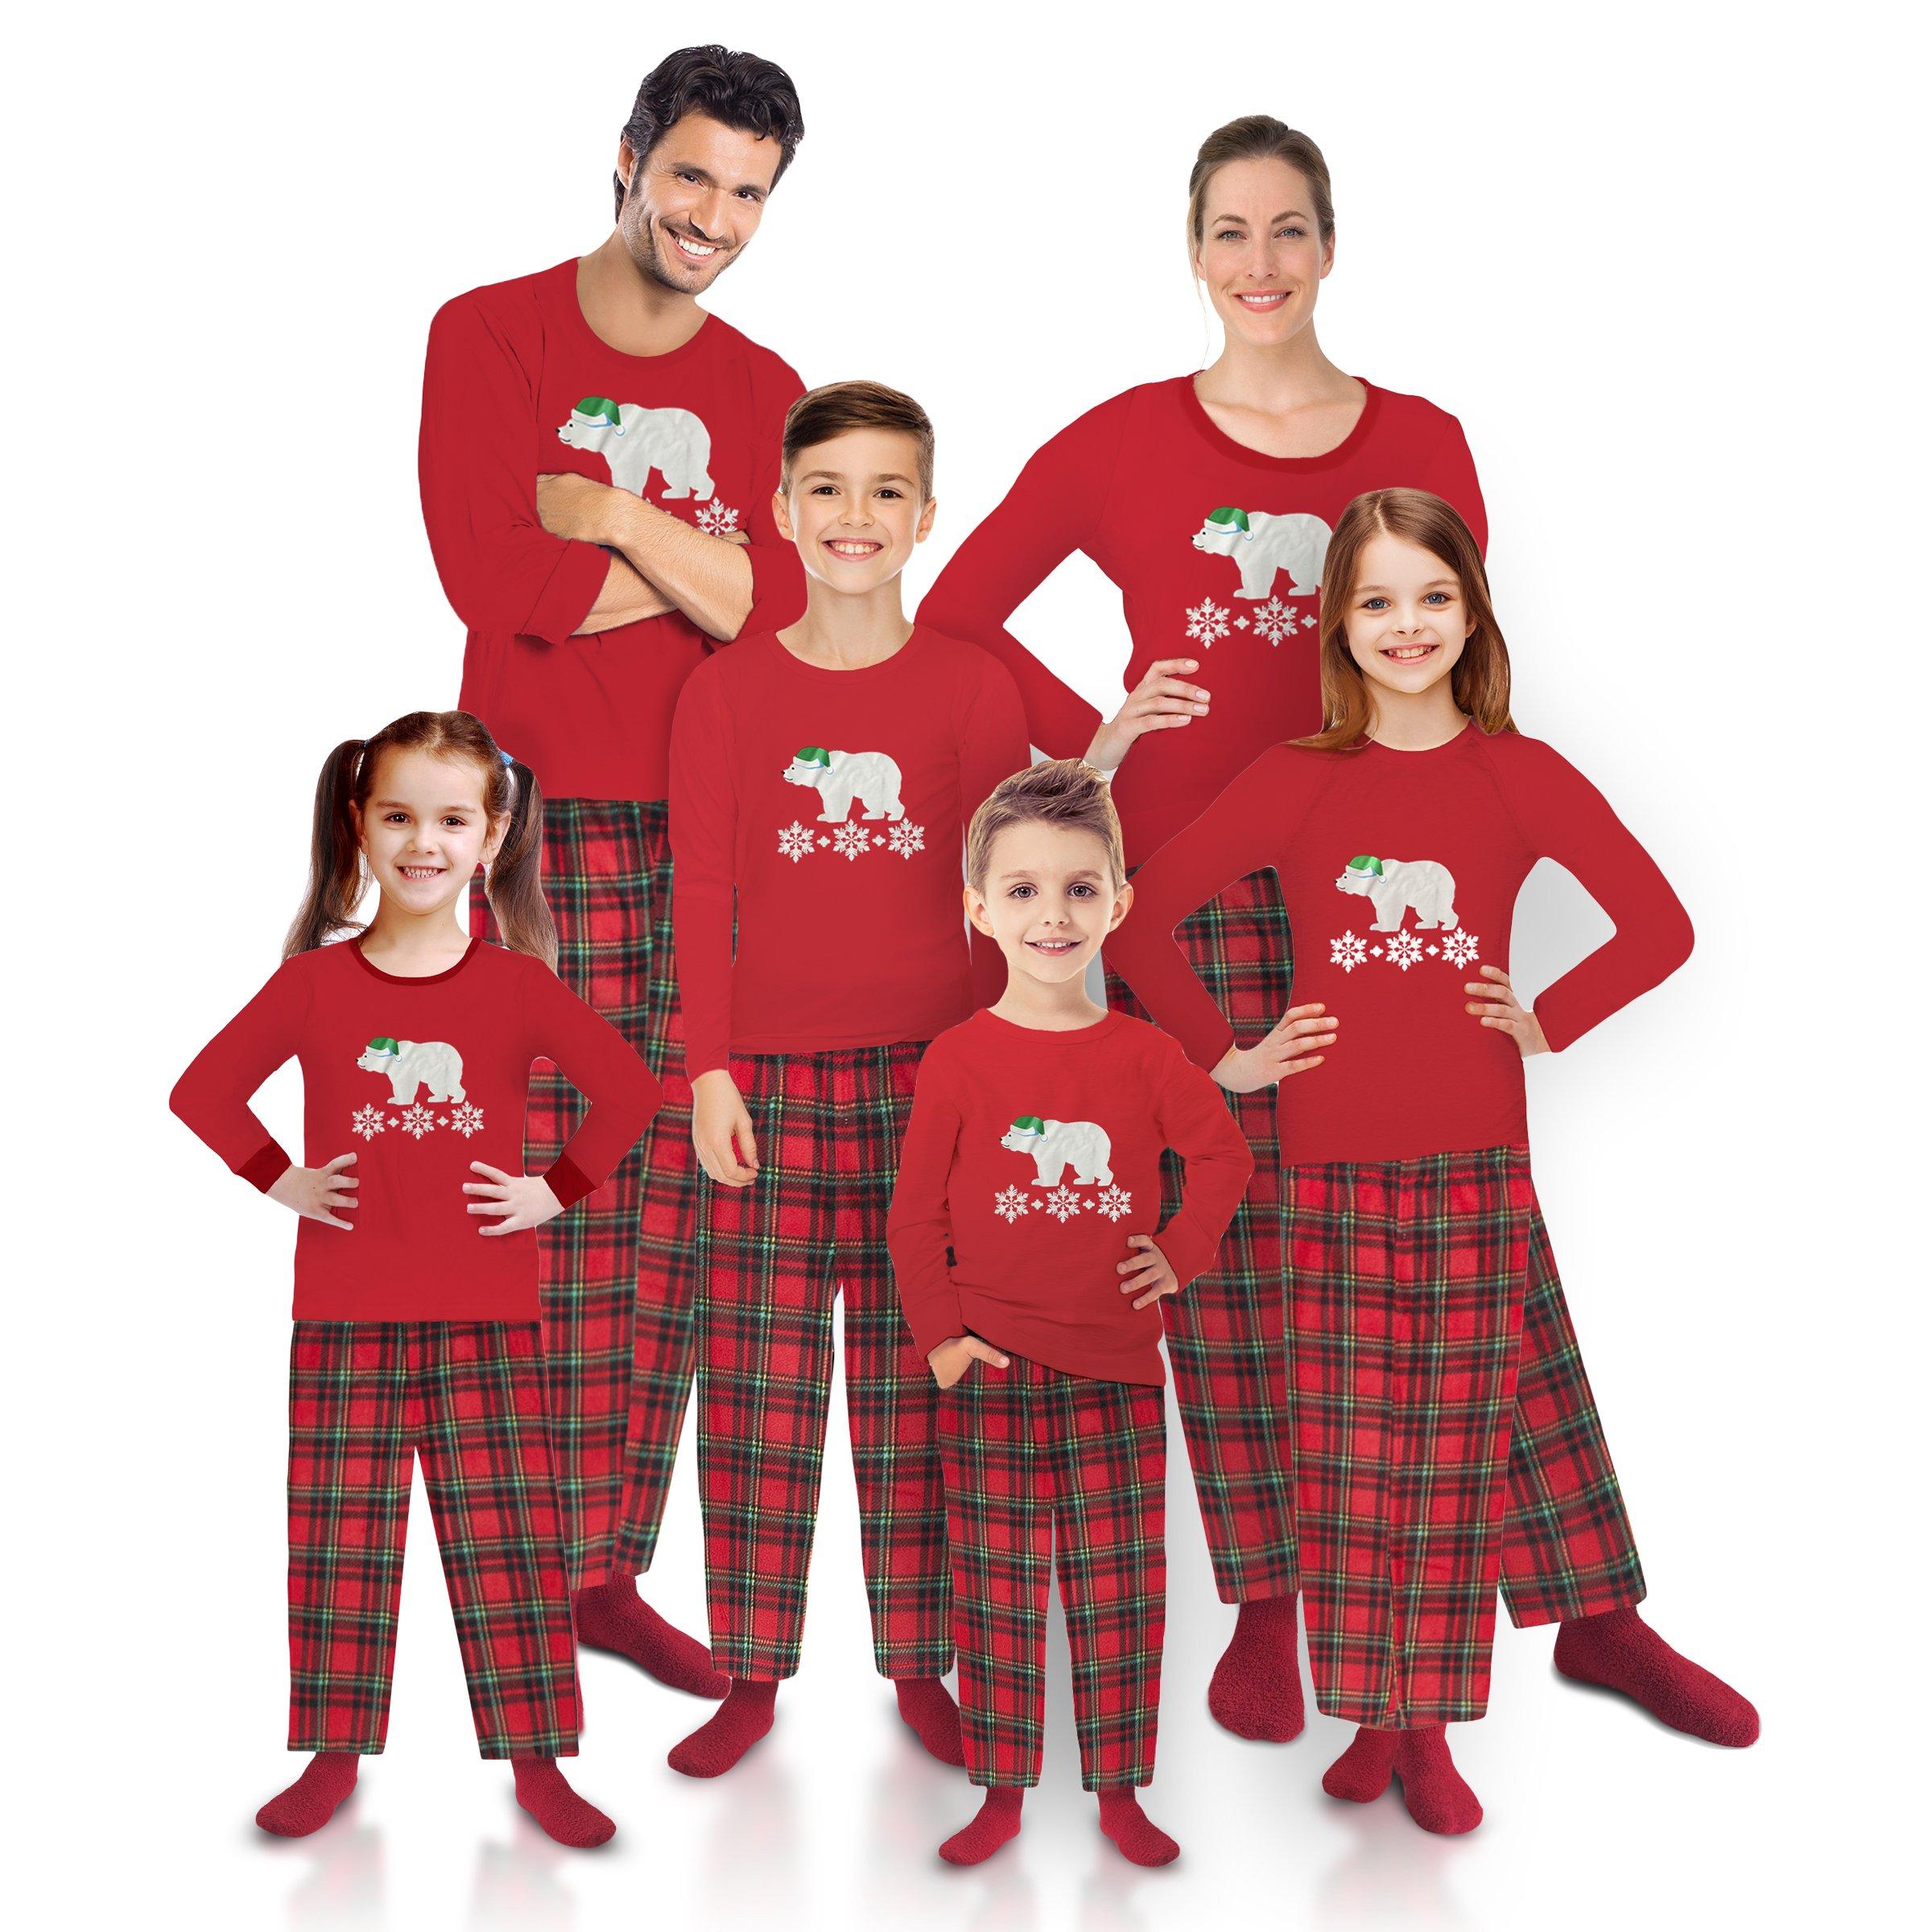 Buy Christmas Pajamas Now!